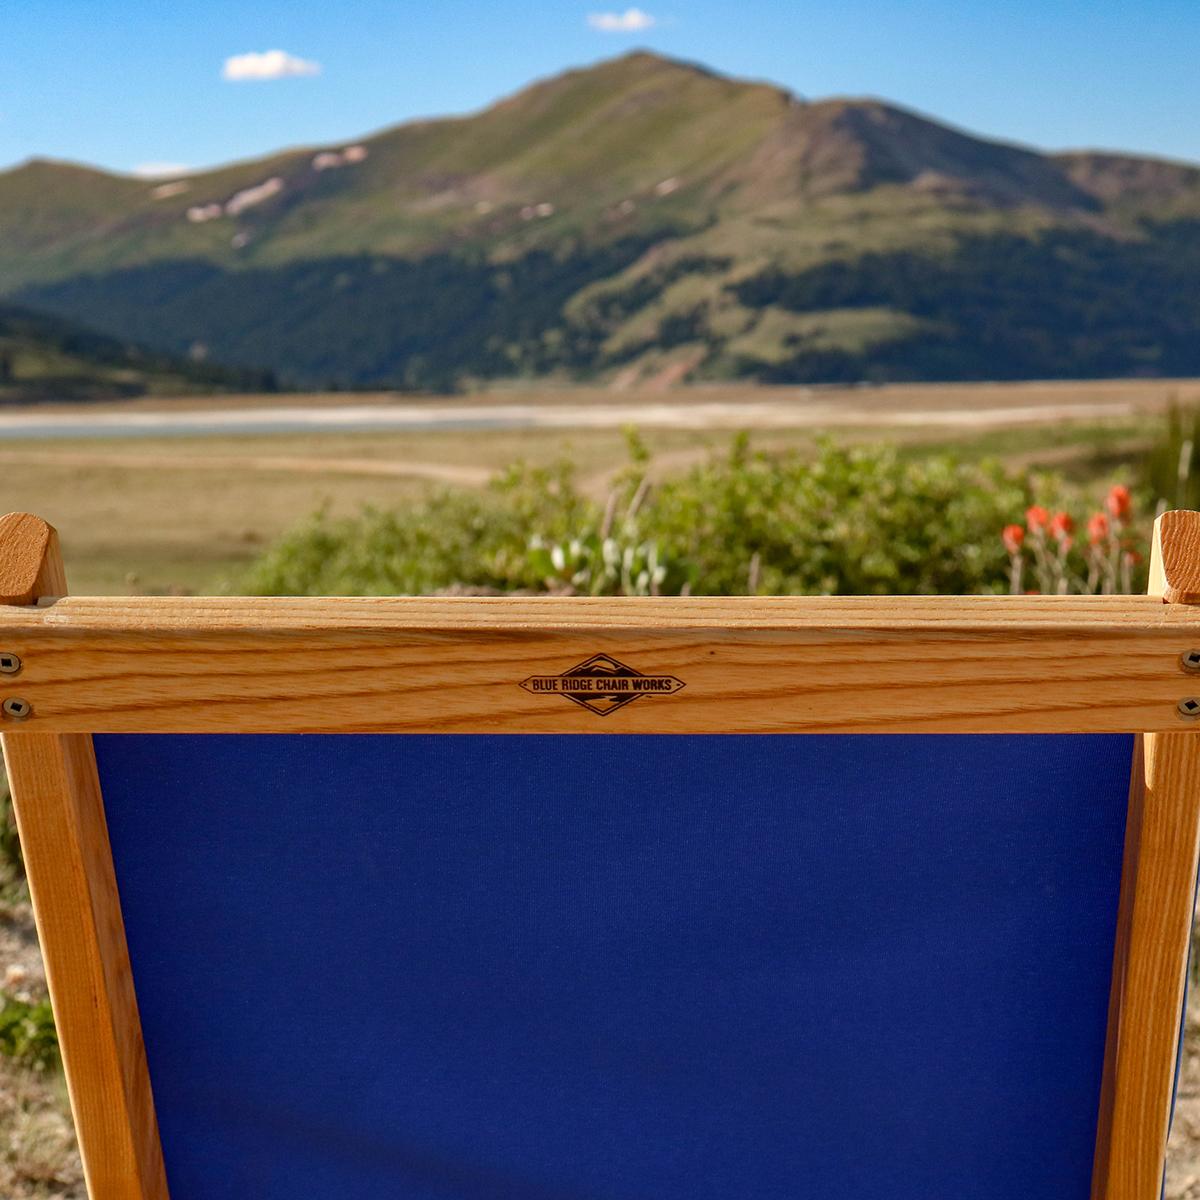 AIRMKT eCom PN XXXXXX Blue Ridge Chair IMG_7423 WEB